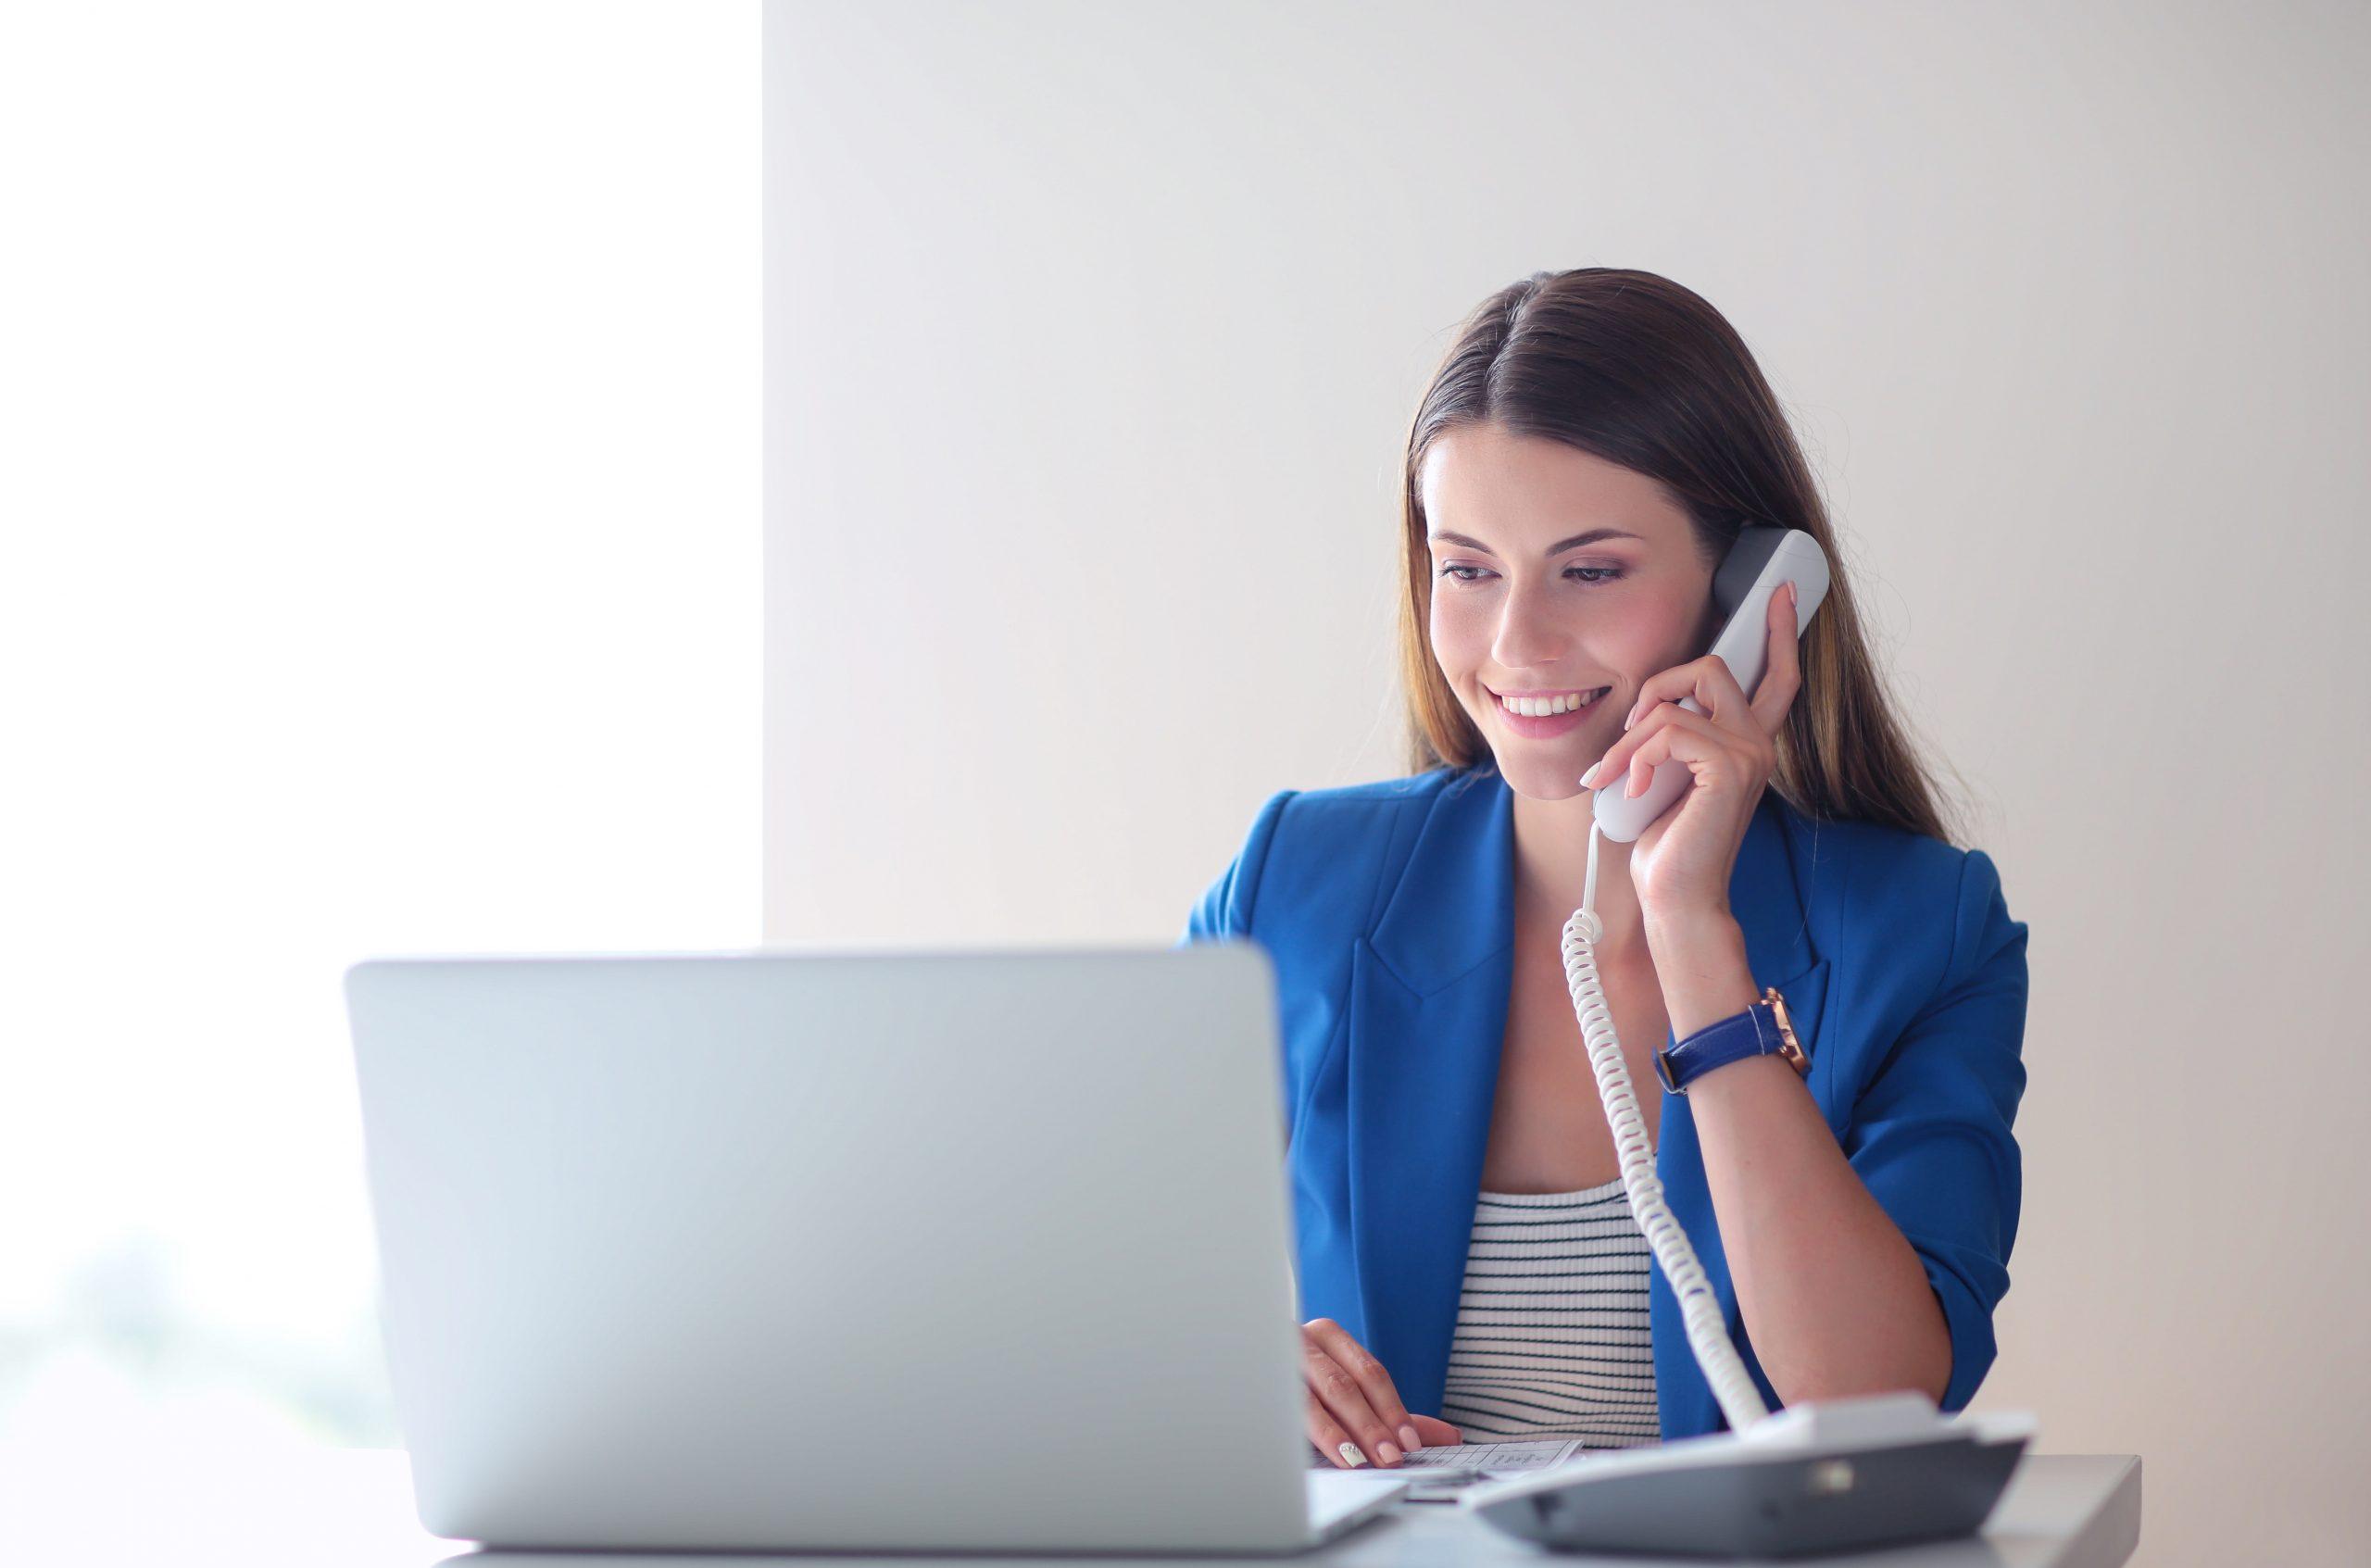 Les outils à maitriser pour une secrétaire/assistante